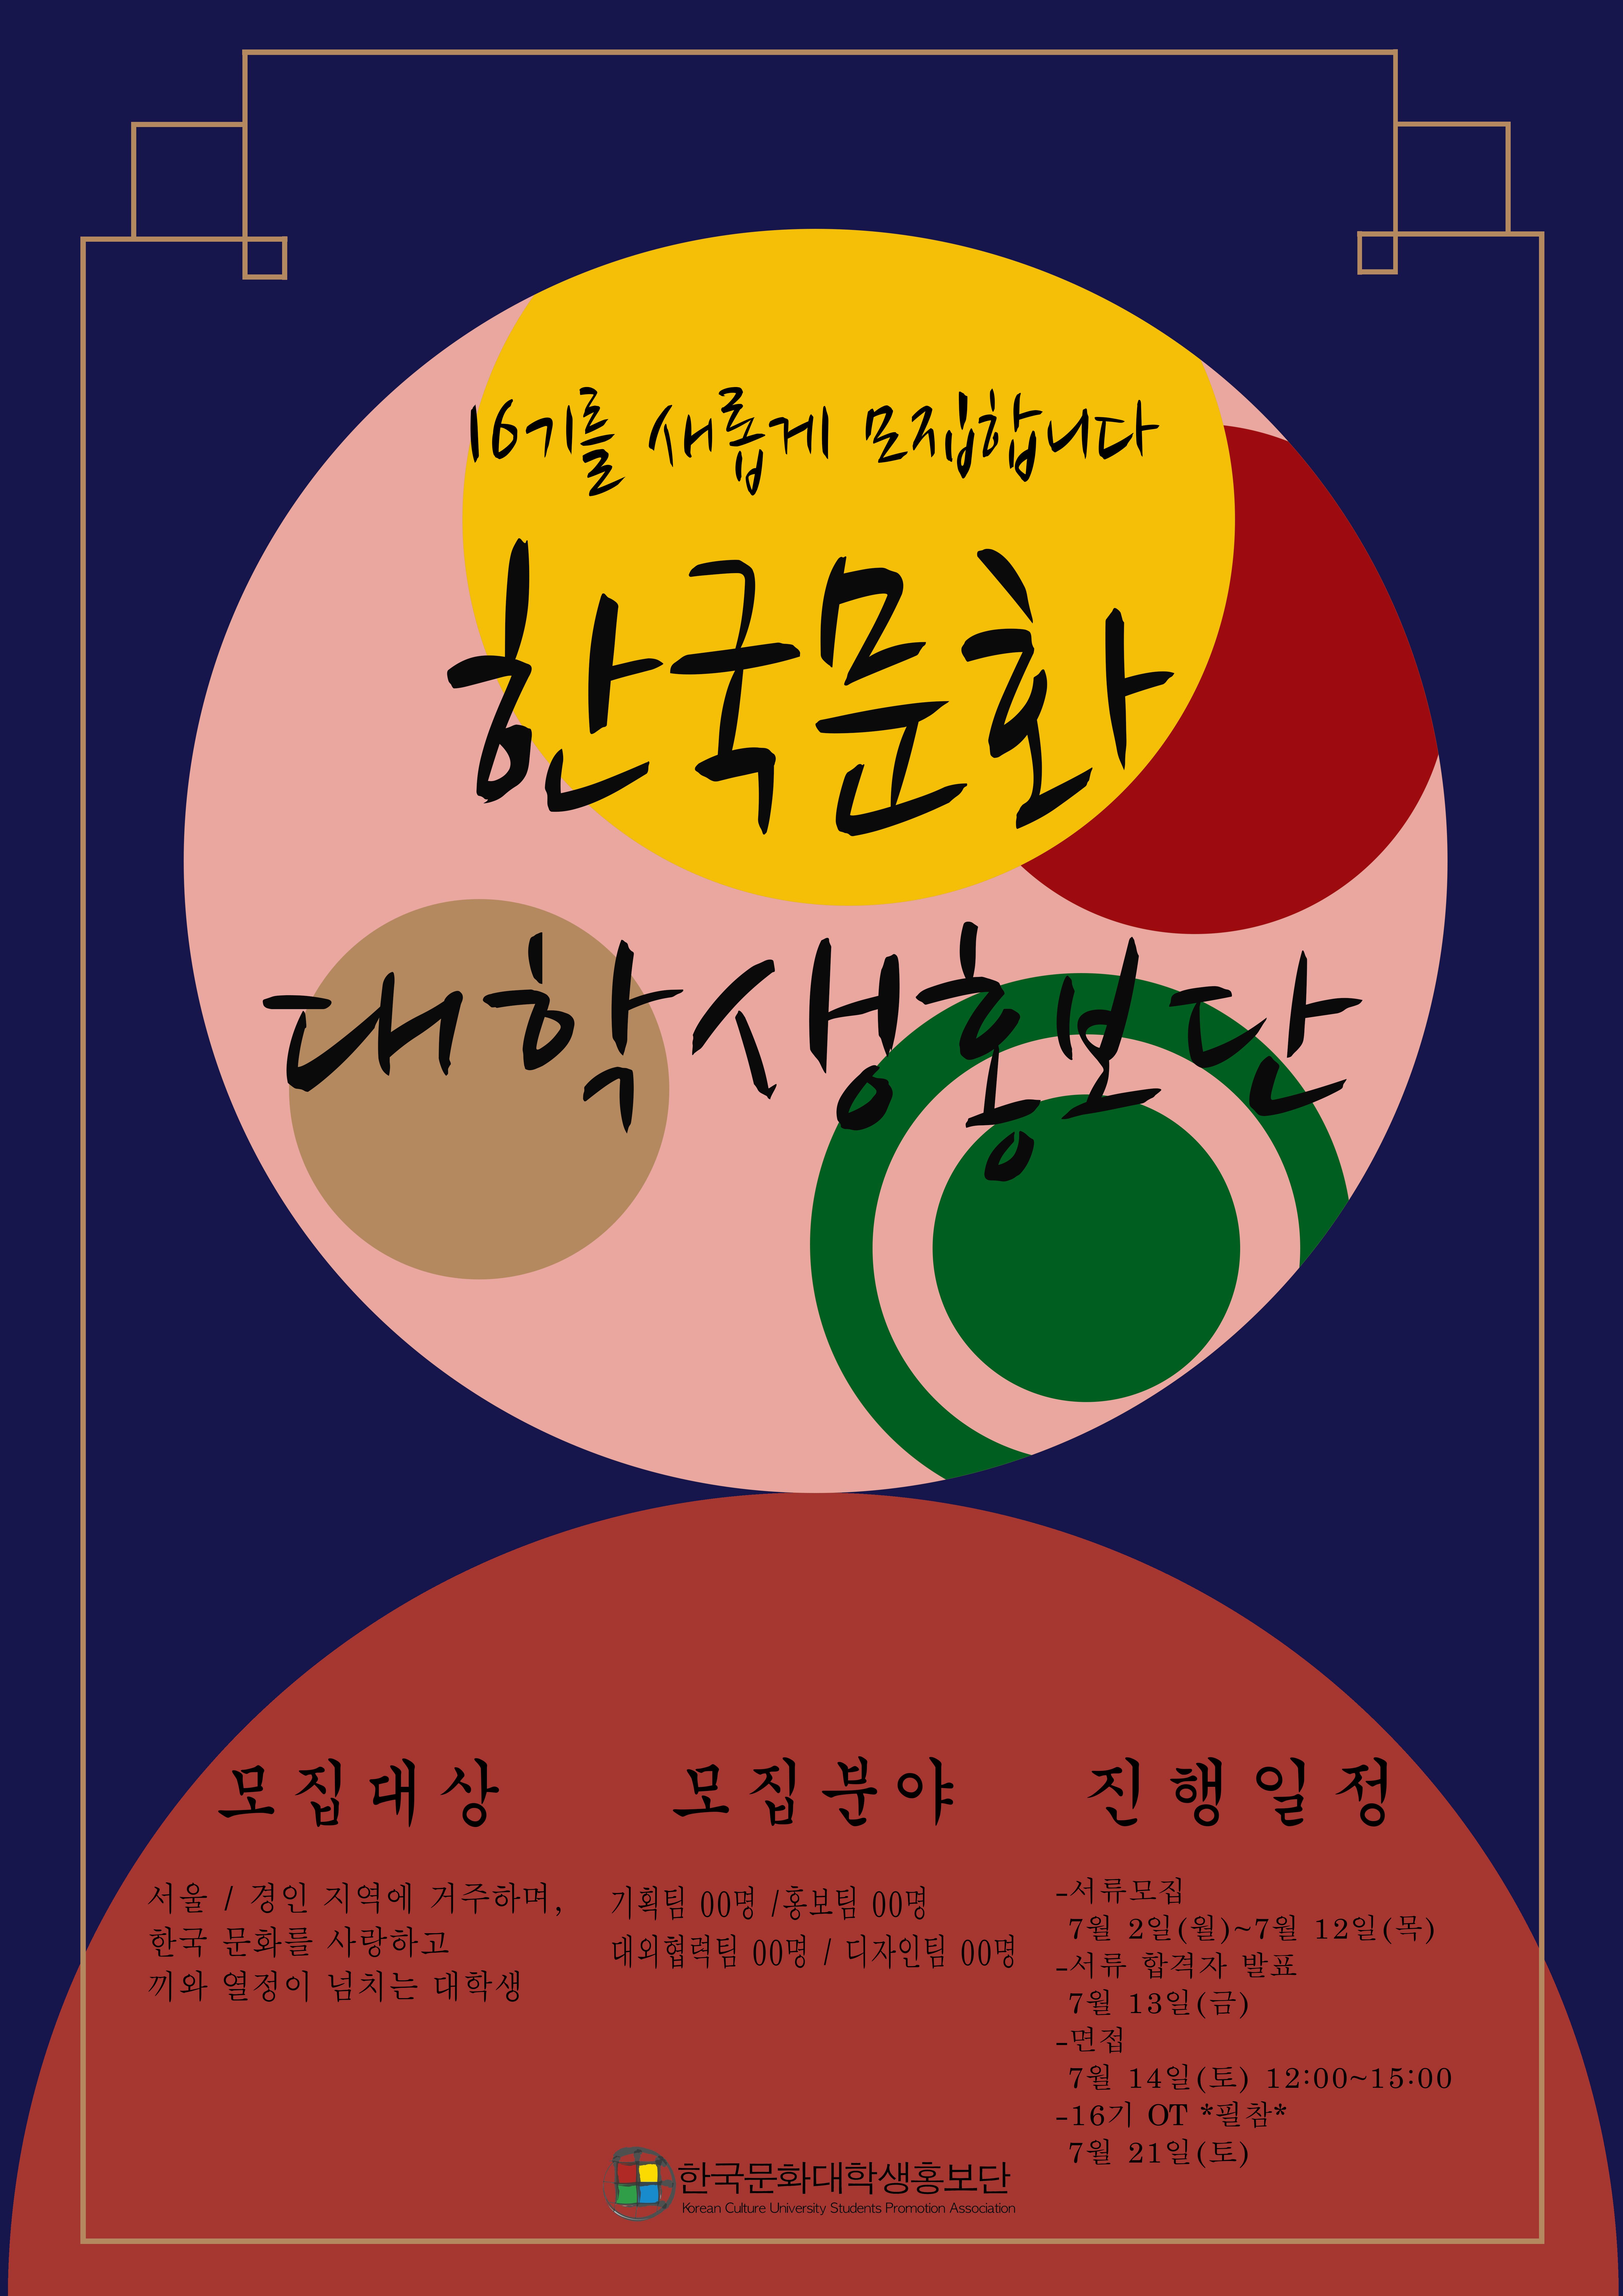 16기 모집 홍보 포스터.jpg